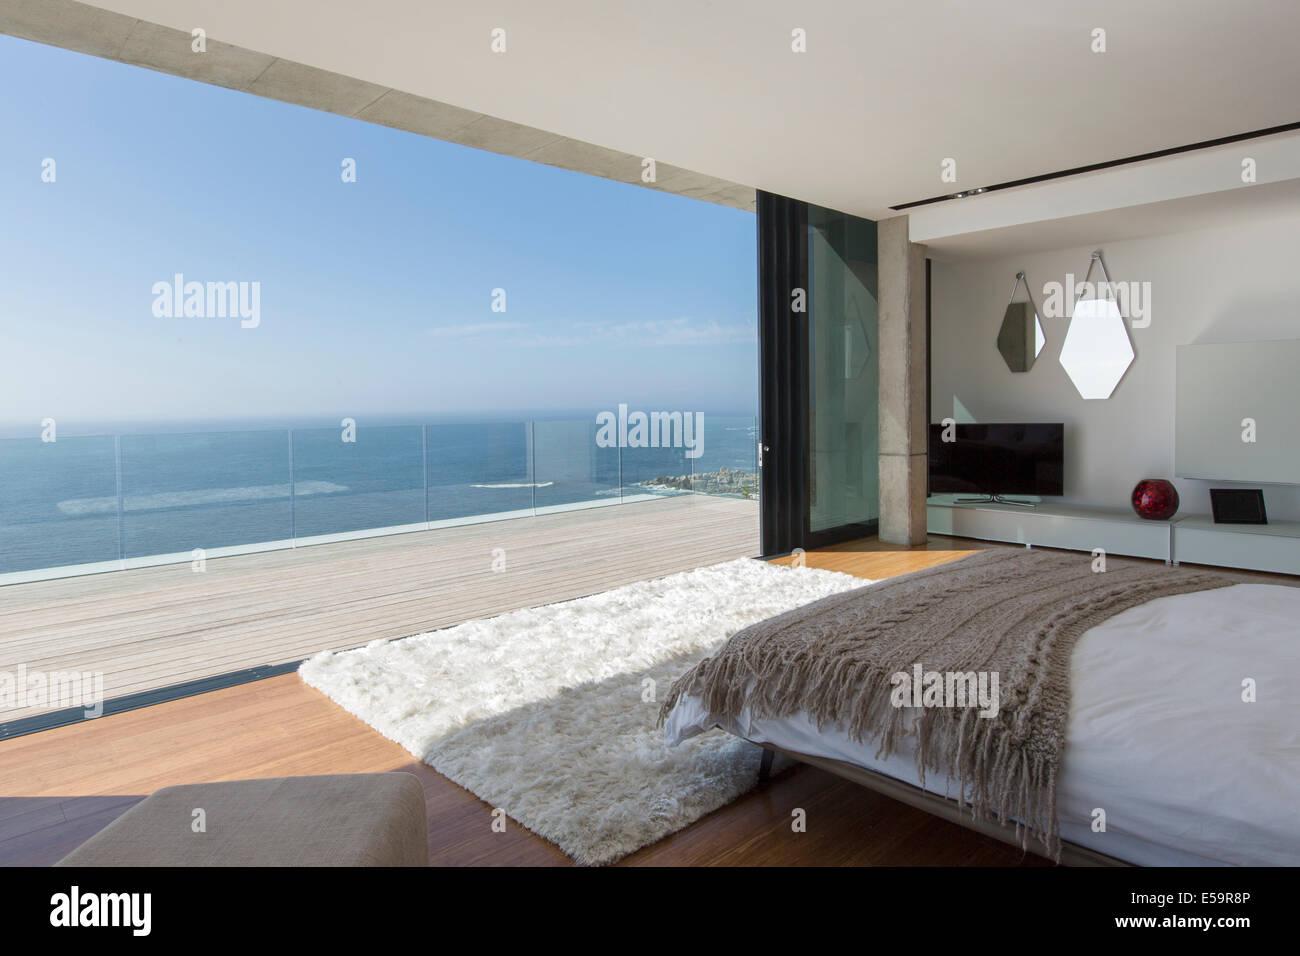 Moderne Schlafzimmer mit Blick auf Meer Stockfoto, Bild: 72130598 ...